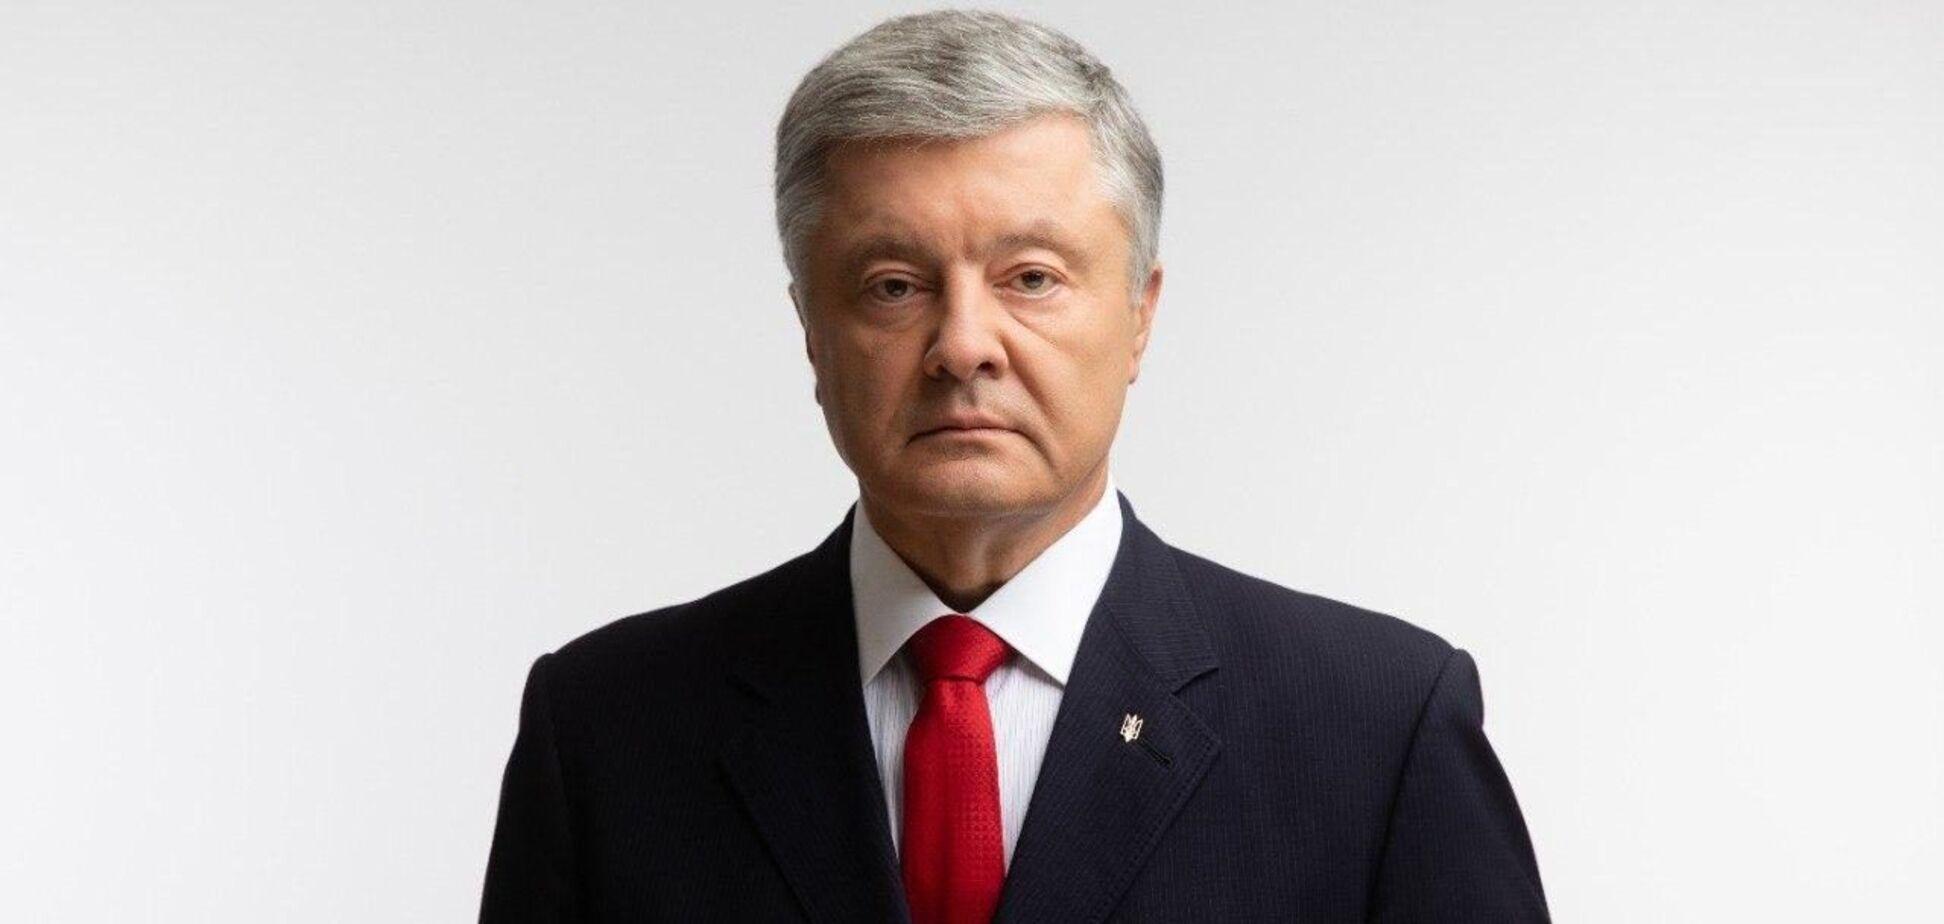 Порошенко назвал партии, которые 'подрывают европейское будущее Украины'